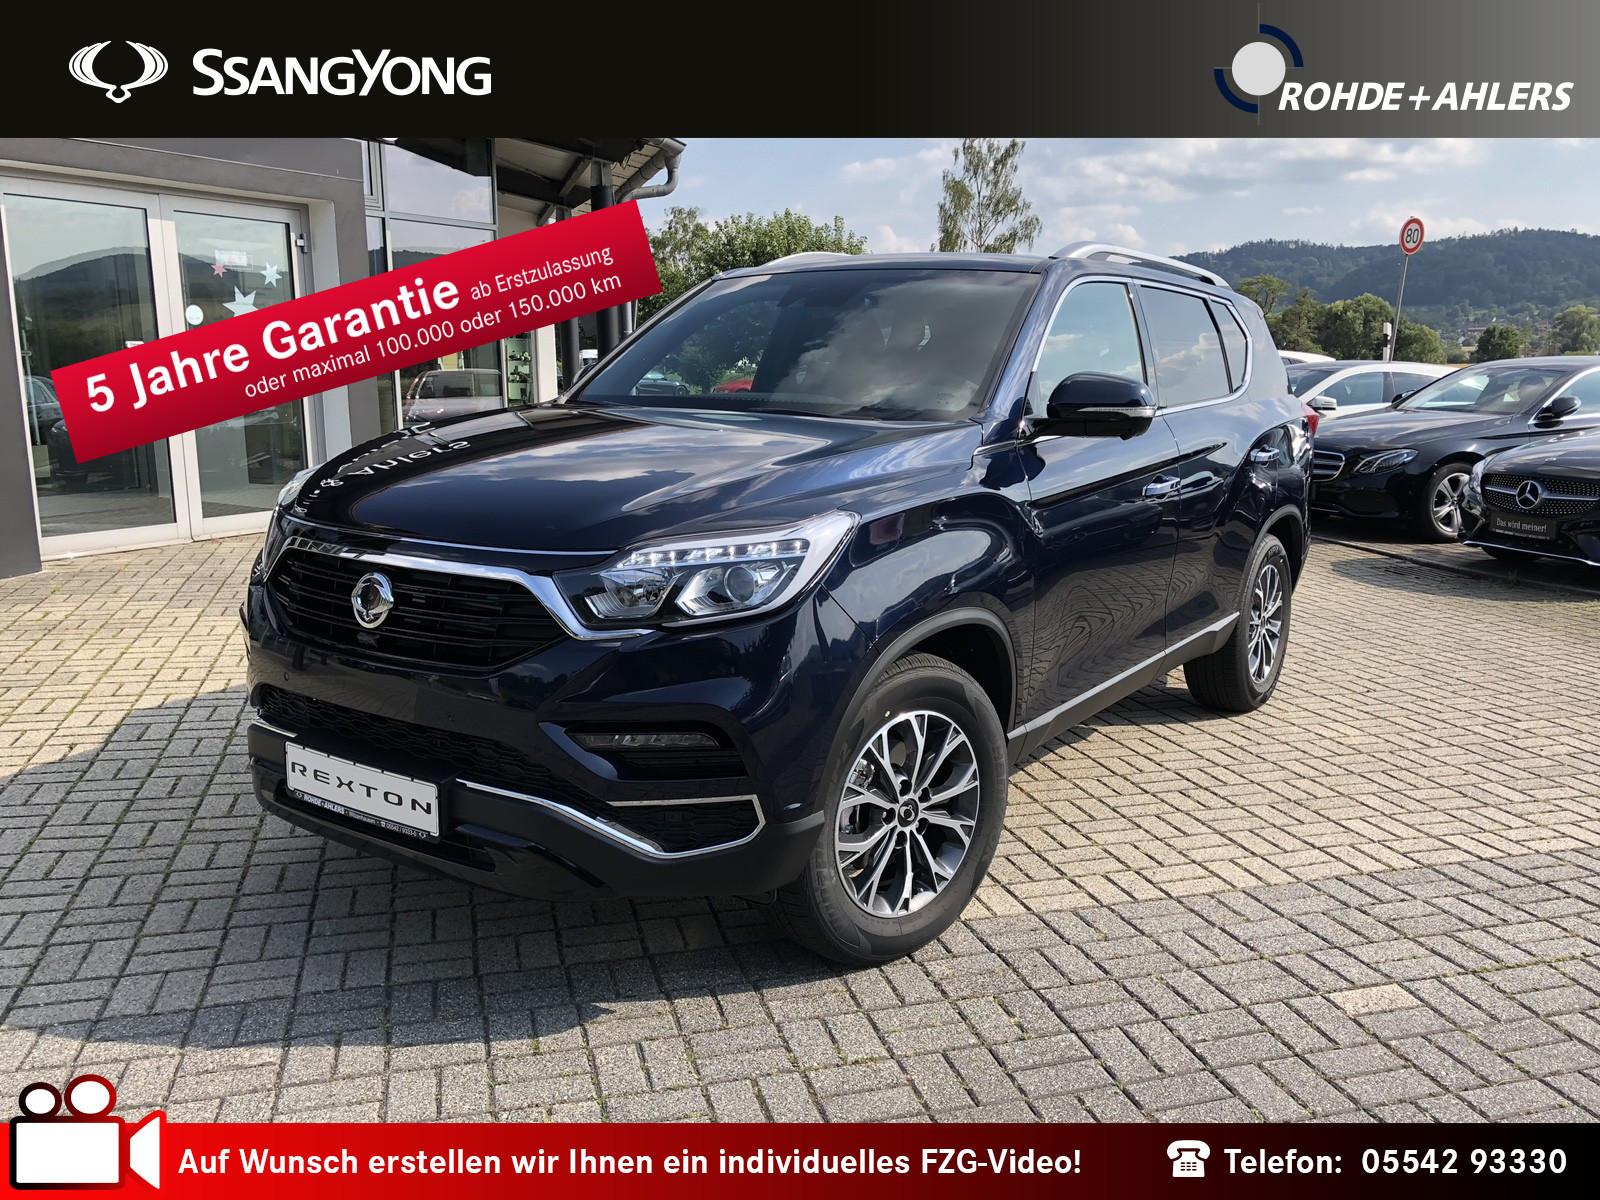 Ssangyong Rexton 2.2 e-XDi Sapphire 4WD 7SITZER+AHK 3,5 TO, Jahr 2018, Diesel